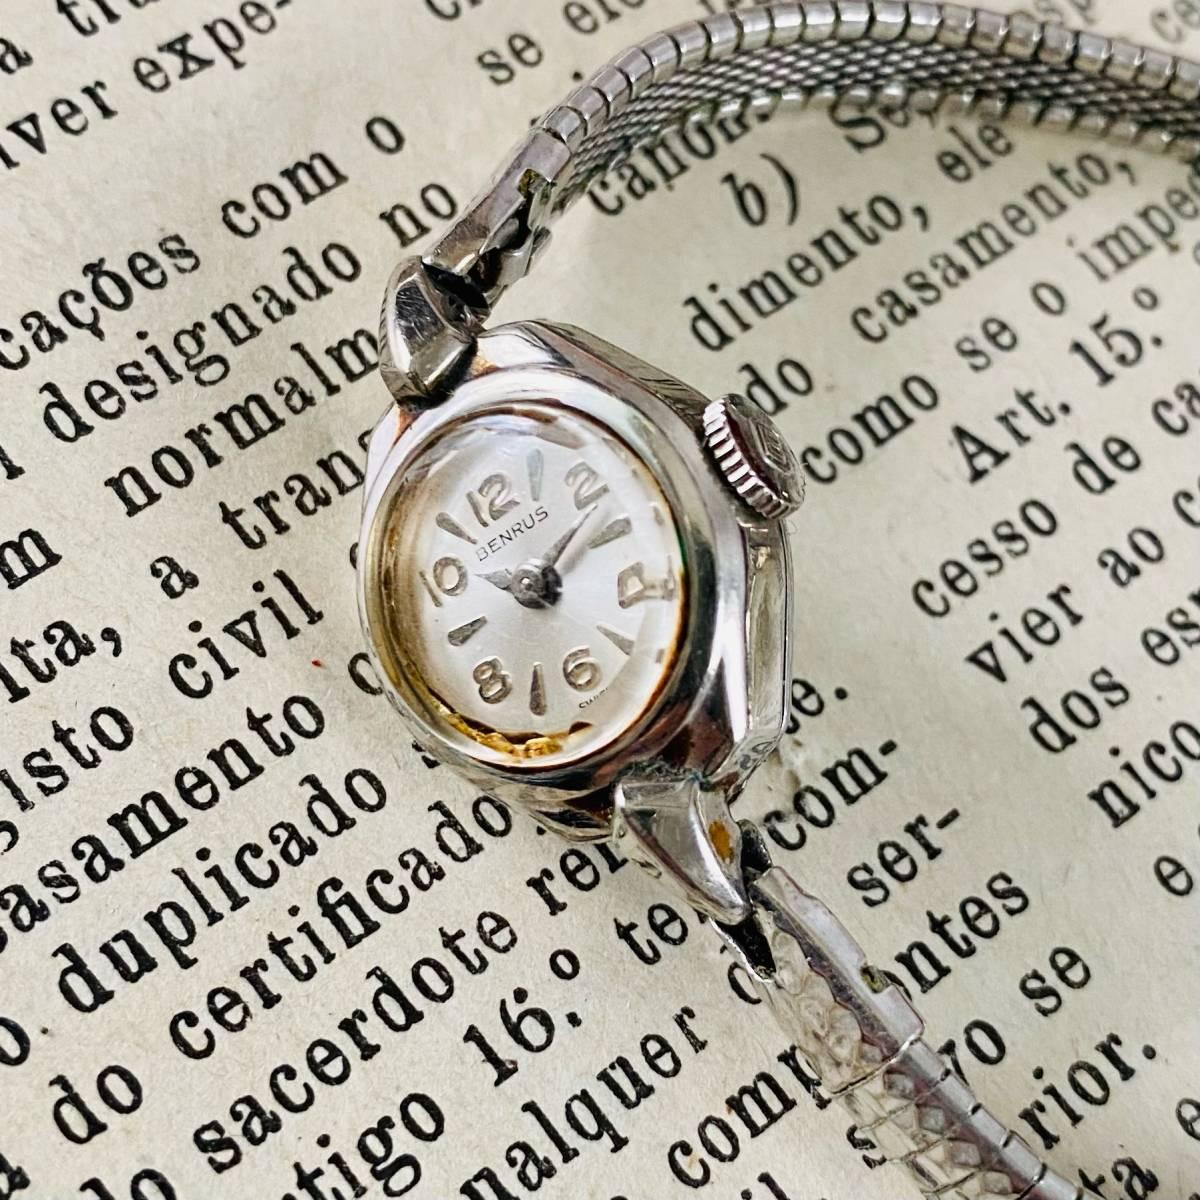 【高級腕時計 ベンラス 】Benrus 10KRGP 手巻き 17石 手巻き メンズ レディース ビンテージ アナログ 腕時計 7026_画像6